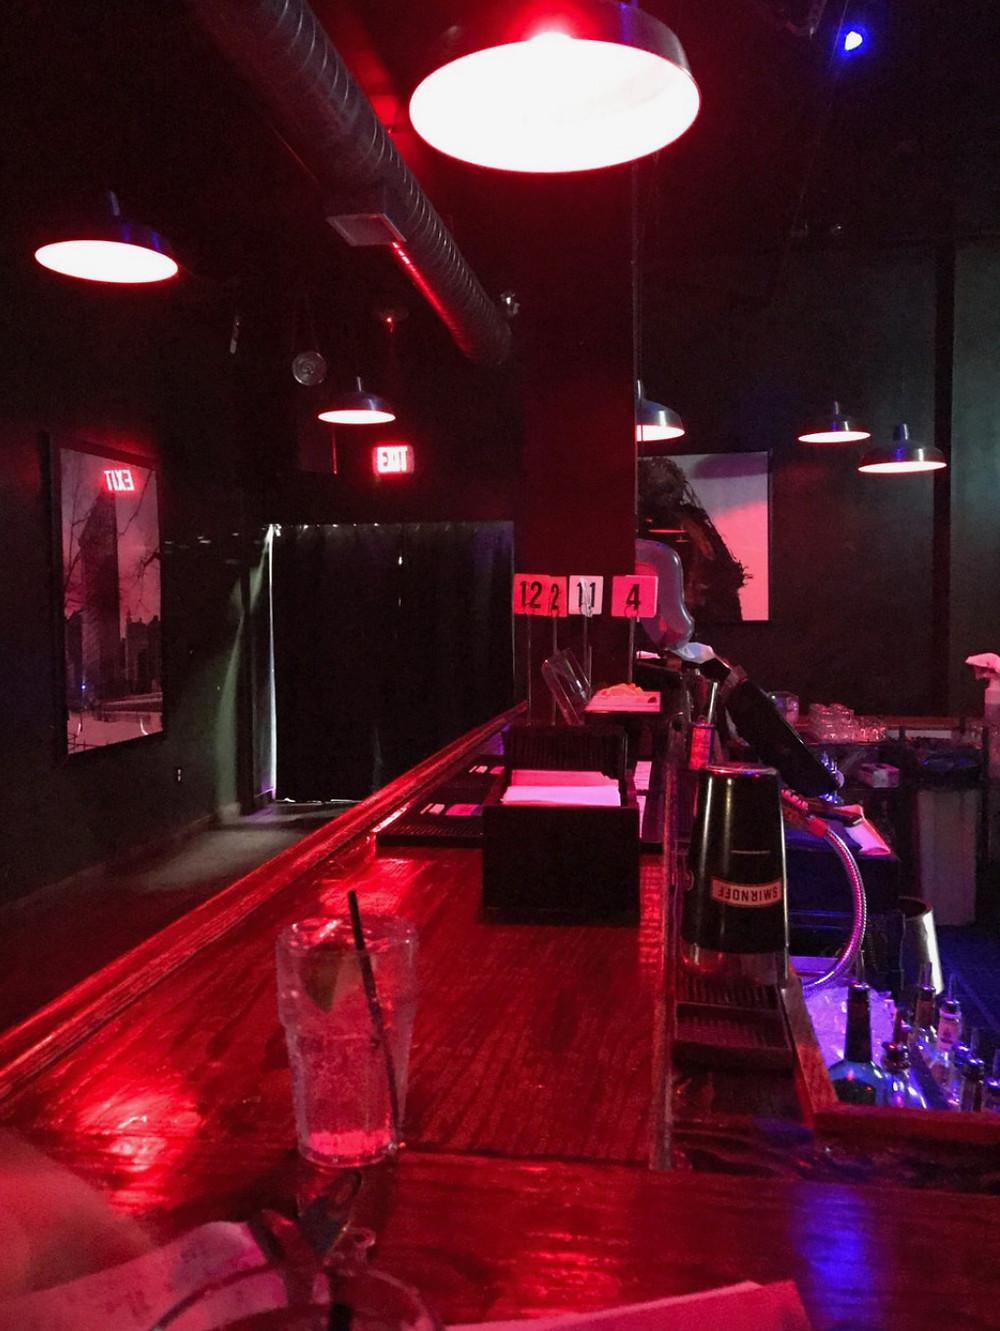 Precinct gay bar Los Angeles